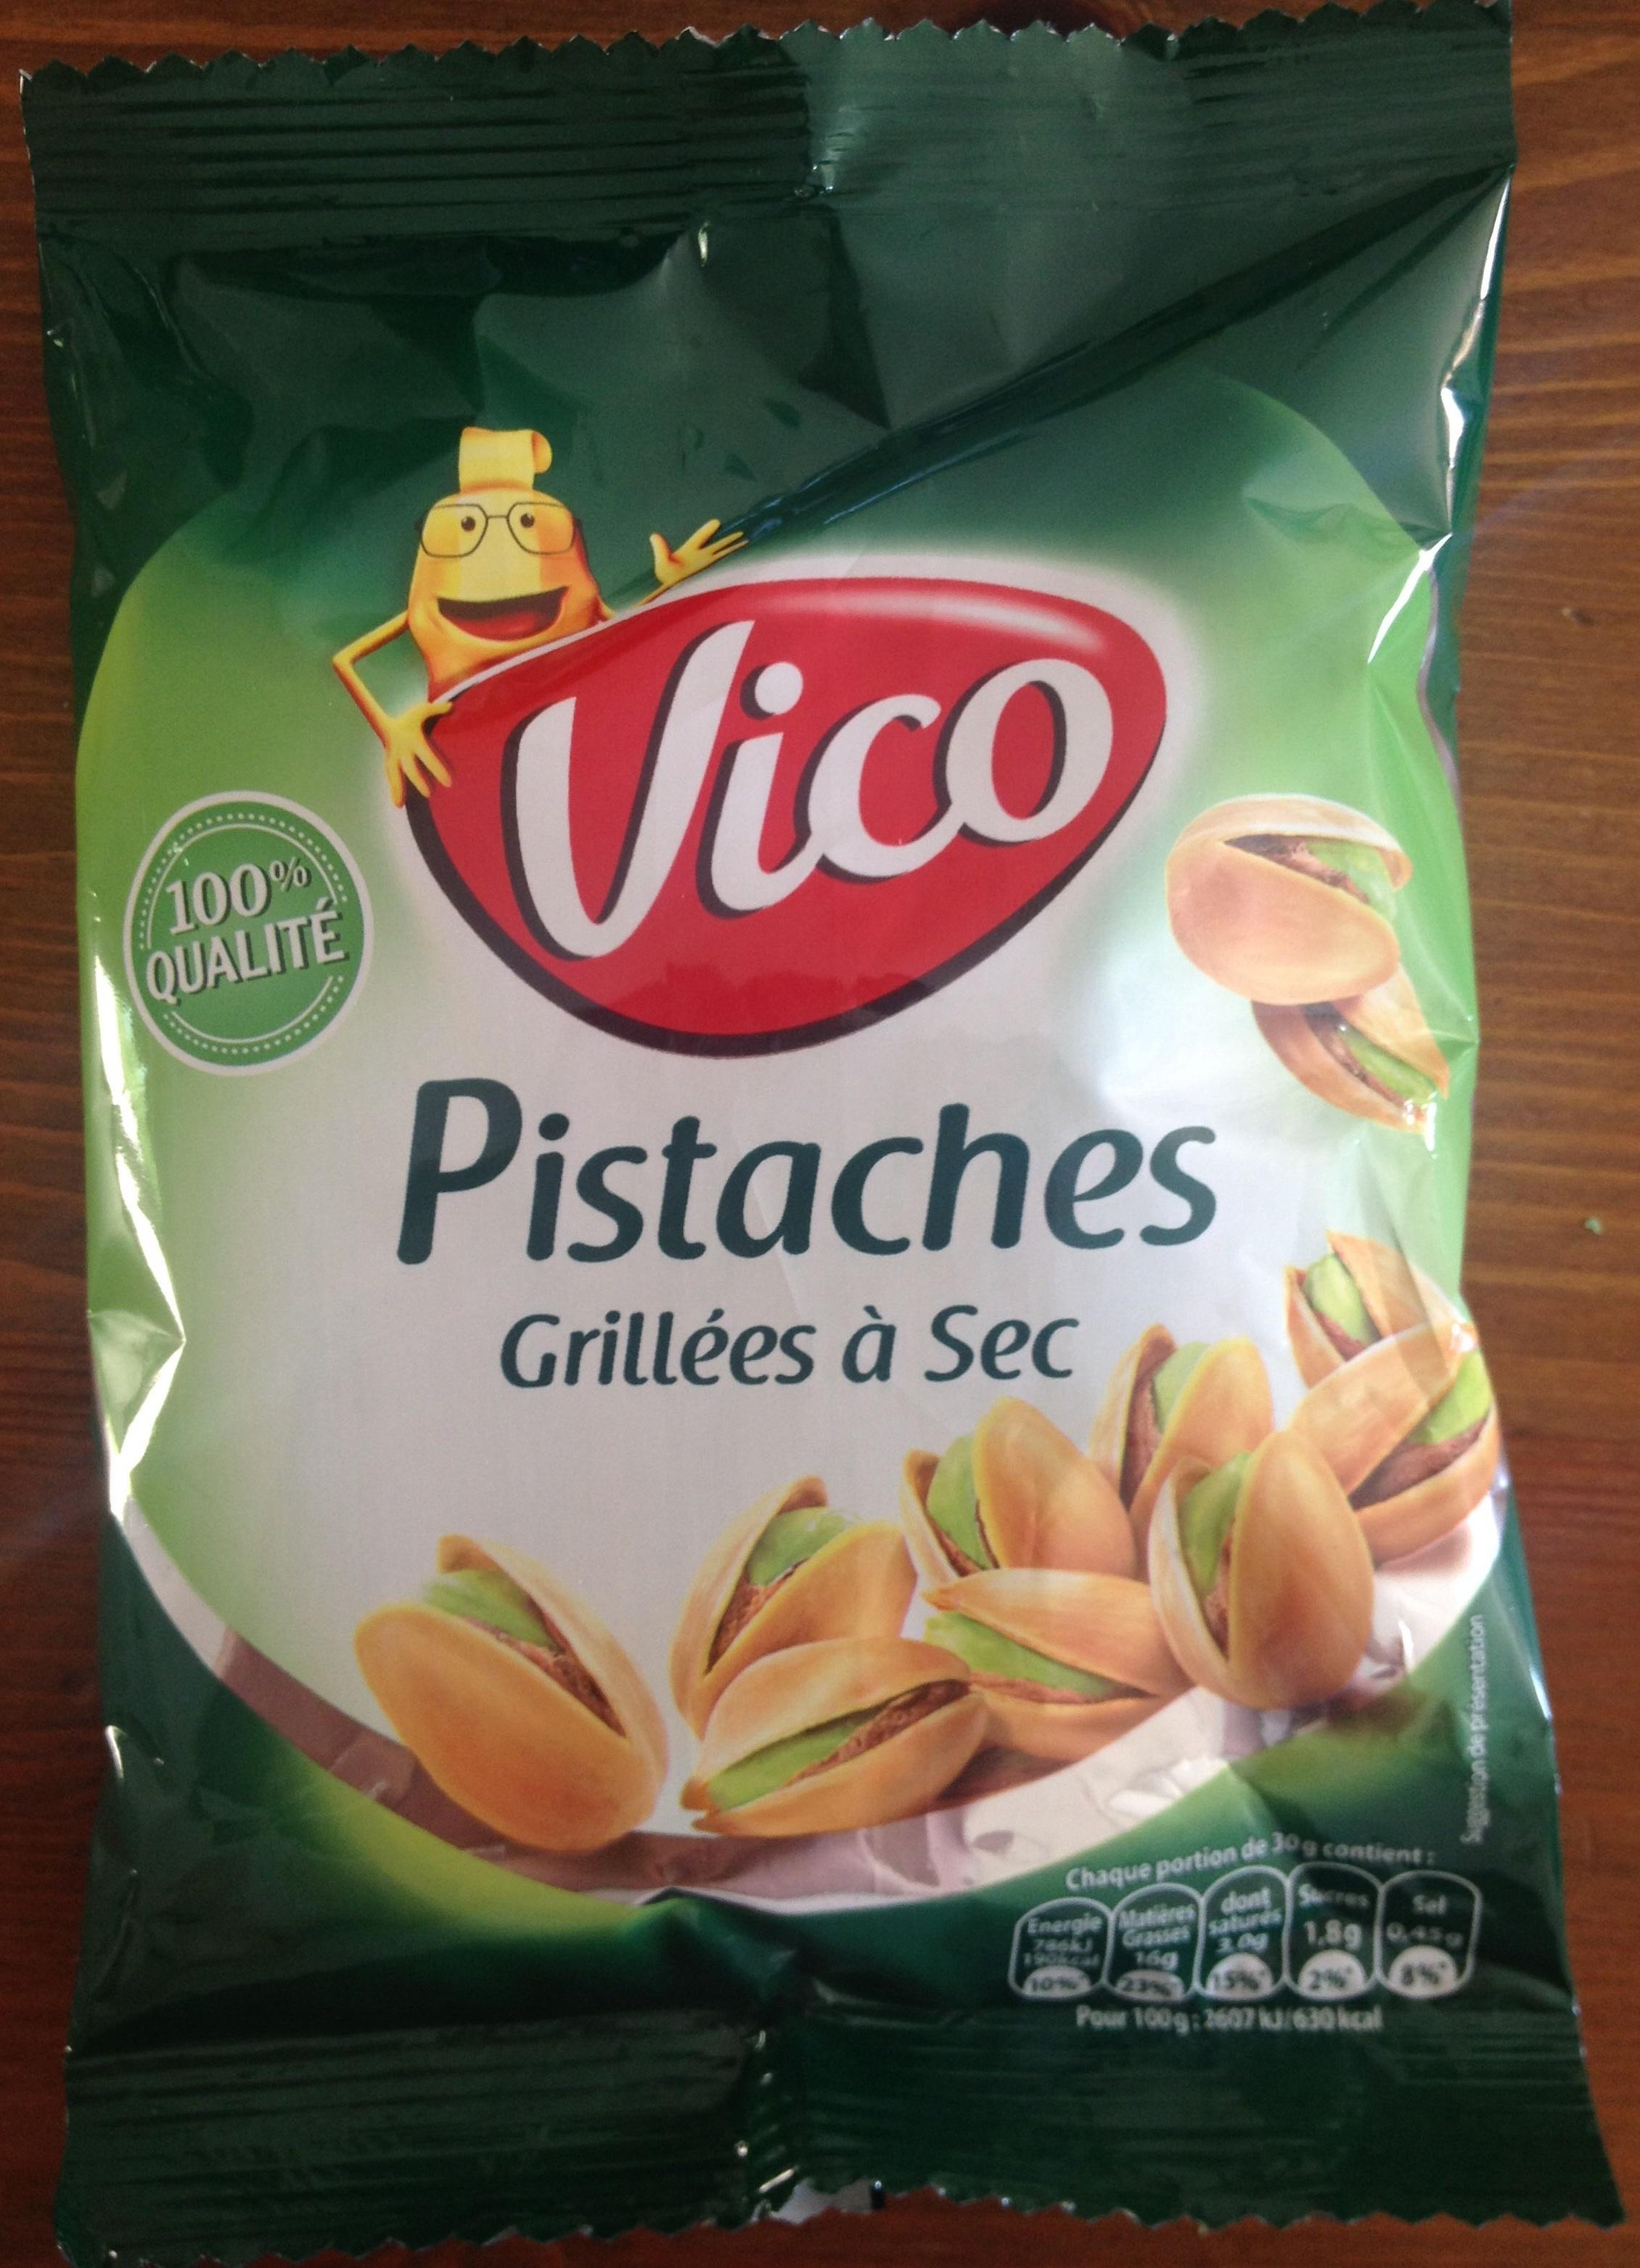 Pistaches grill es sec vico 125 g - Calories pistaches grillees ...